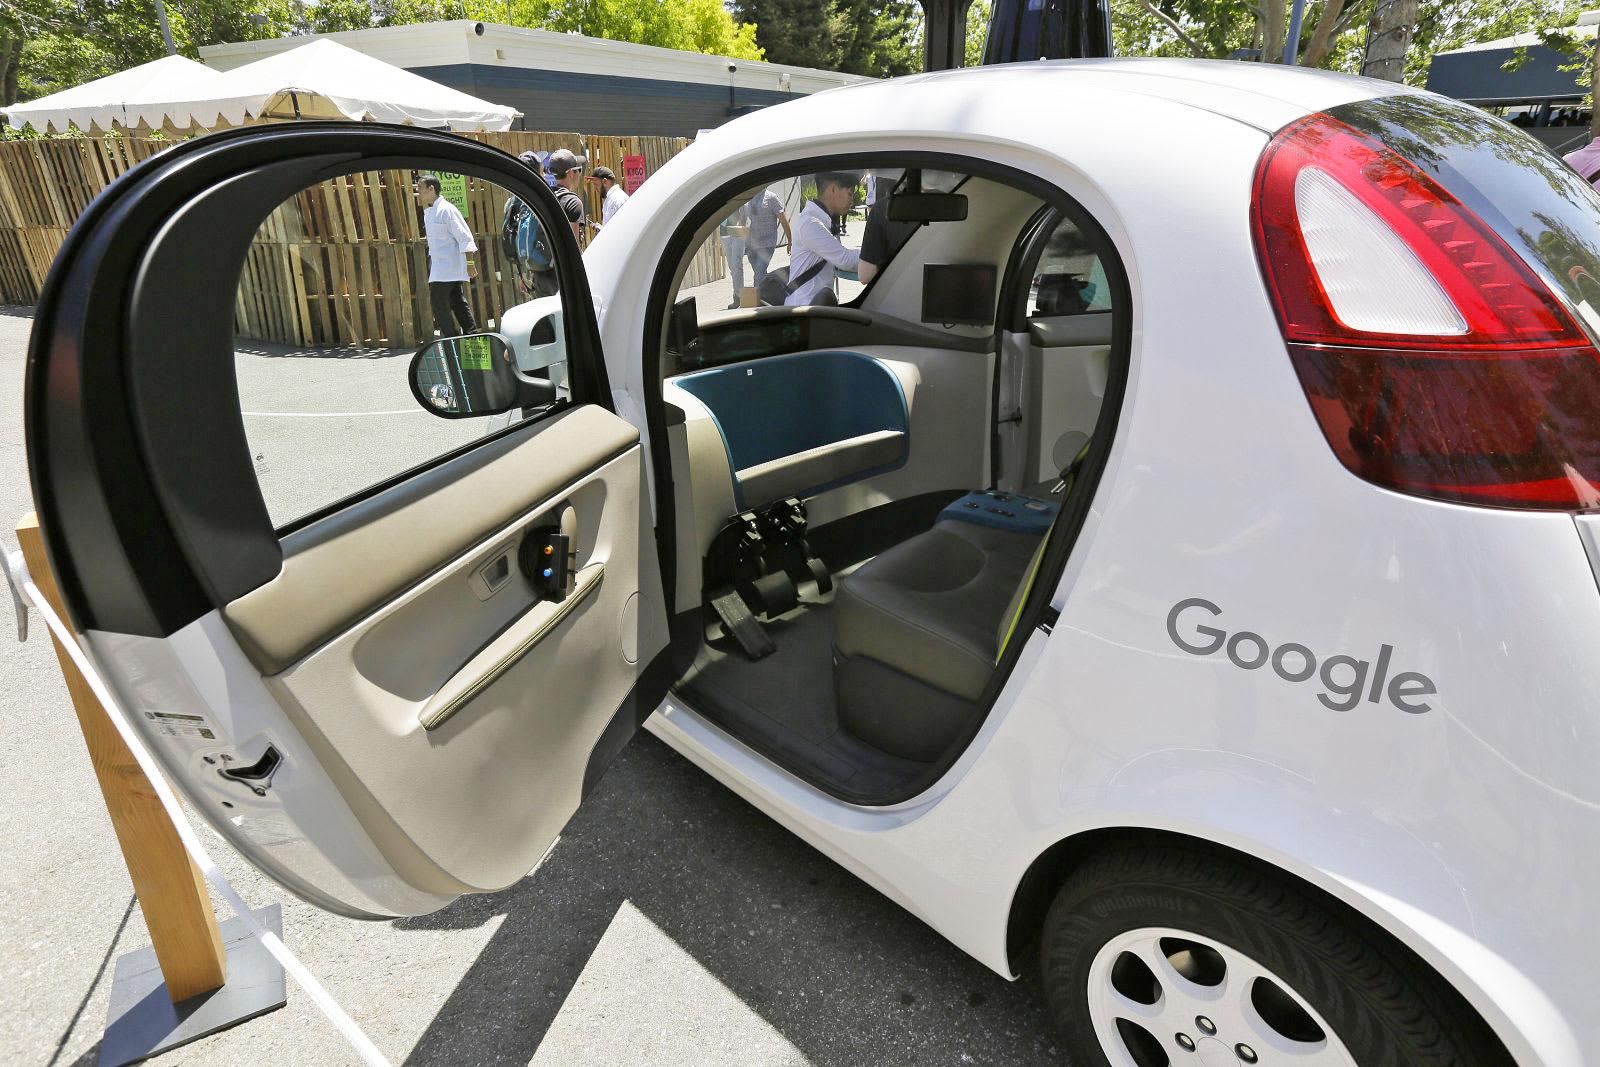 How To Get Lyft Amp >> Should autonomous vehicles save passengers or pedestrians?